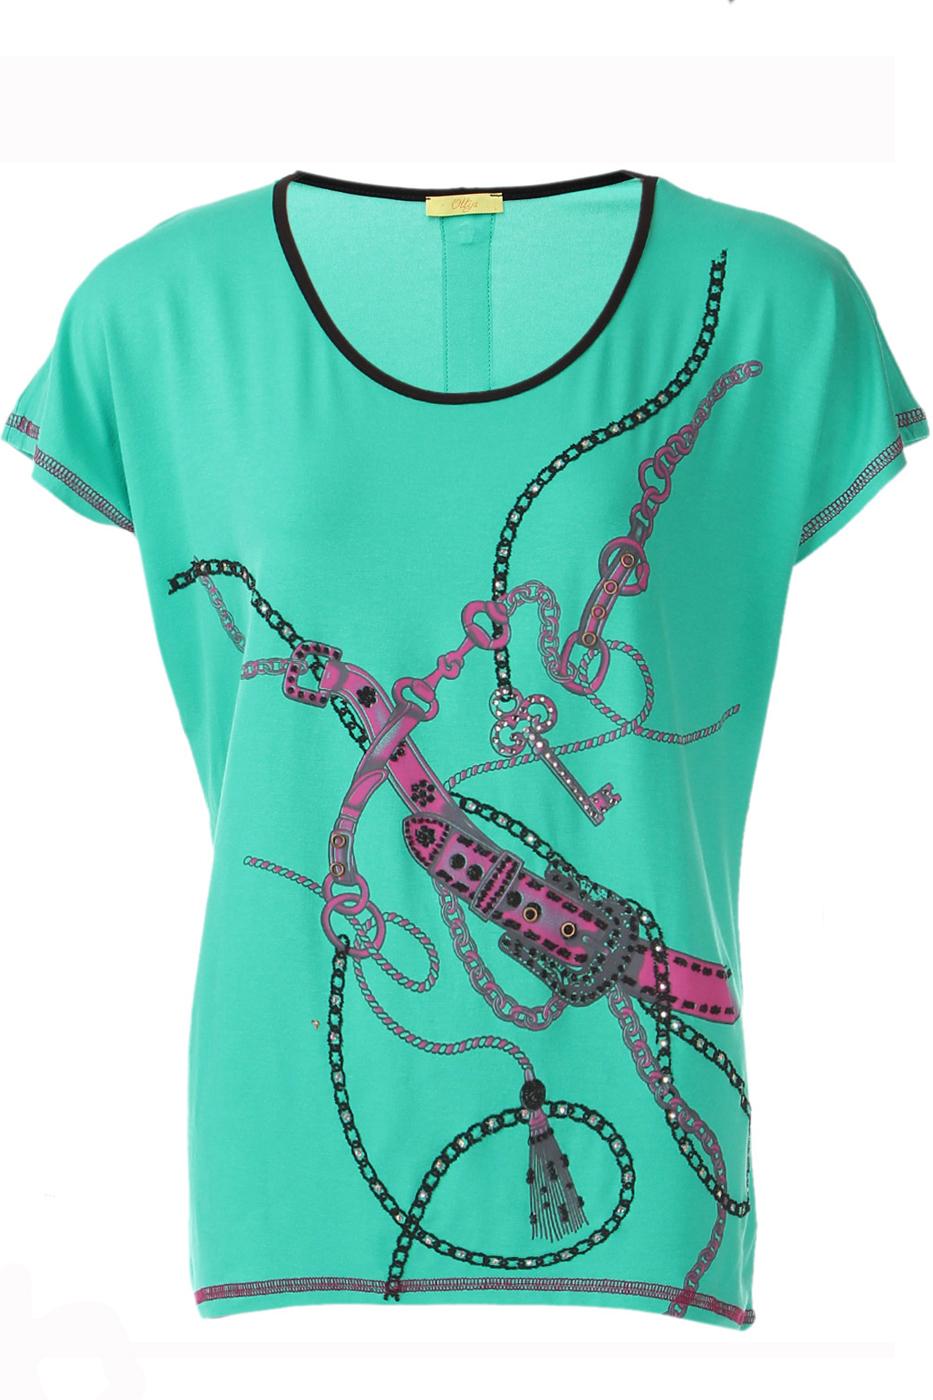 ФутболкаФутболки<br>Оригинальная футболка украшена модным принтом. Отлично смотрится в комбинации с любыми узкими брюками или юбками Короткий рукав и округлый вырез горловины.  Цвет: бирюзовый, розовый, серый  Ростовка изделия 170 см.  Парметры изделия: 40 размер - обхват груди 74-77 см., обхват талии 60-62 см. 42 размер - обхват груди 78-81 см., обхват талии 63-65 см. 44 размер - обхват груди 82-85 см., обхват талии 66-69 см. 46 размер - обхват груди 86-89 см., обхват талии 70-73 см. 48 размер - обхват груди 90-93 см., обхват талии 74-77 см. 50 размер - обхват груди 94-97 см., обхват талии 78-81 см. 52 размер - обхват груди 98-102 см., обхват талии 82-86 см. 54 размер - обхват груди 103-107 см., обхват талии 87-91 см. 56 размер - обхват груди 108-113 см., обхват талии 92-96 см. 58/60 размер - обхват груди 114-119 см., обхват талии 97-102 см. 62 размер - обхват груди 120-125 см., обхват талии 103-108 см.<br><br>Горловина: С- горловина<br>По материалу: Вискоза,Трикотаж<br>По рисунку: С принтом,Цветные<br>По сезону: Весна,Всесезон,Зима,Лето,Осень<br>По силуэту: Полуприталенные<br>По стилю: Повседневный стиль,Летний стиль<br>По элементам: С молнией,Отделка строчкой<br>Рукав: Короткий рукав<br>Размер : 48<br>Материал: Вискоза<br>Количество в наличии: 1